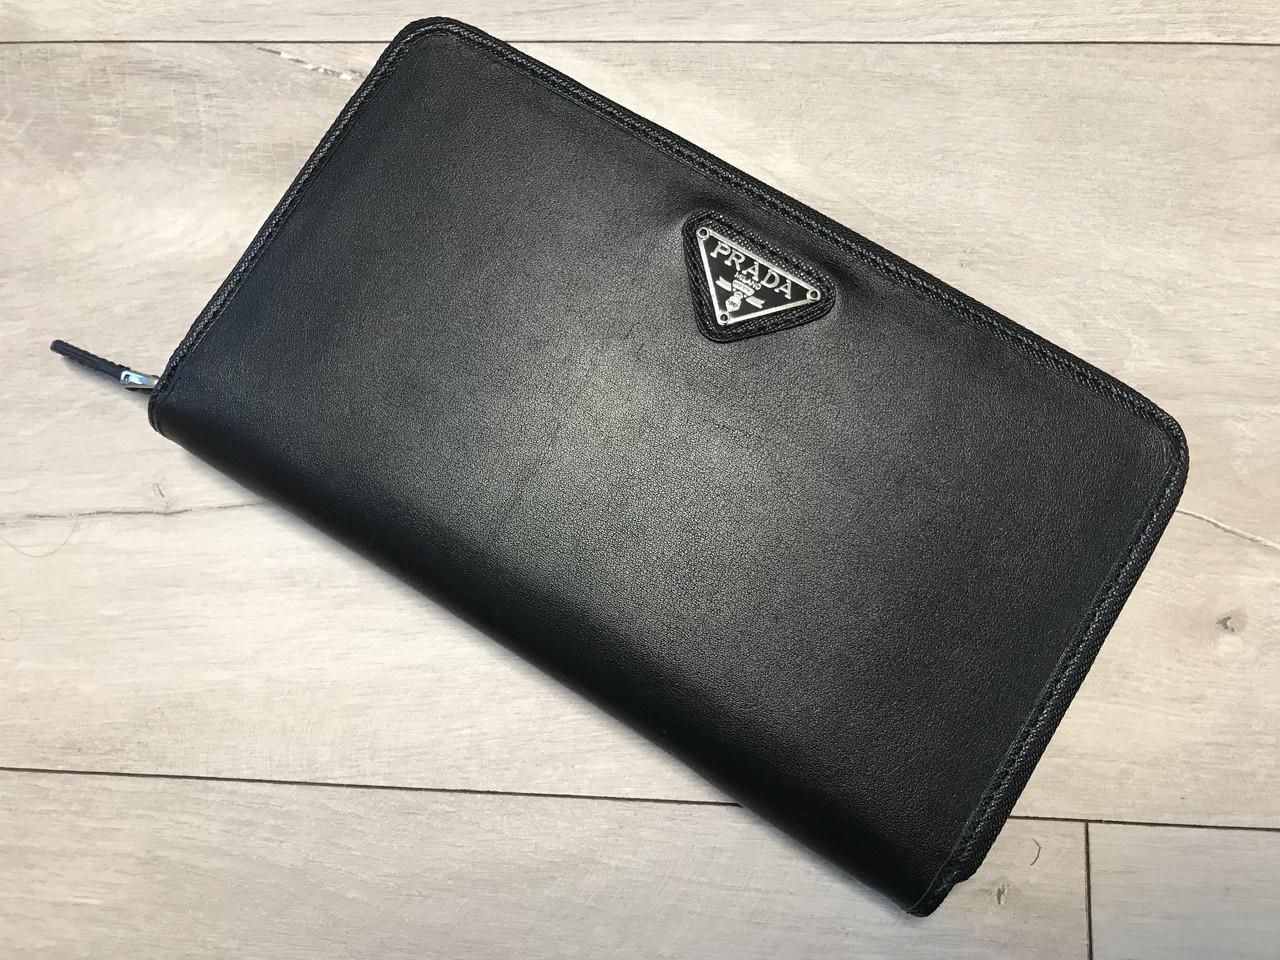 815484f29665 мужской кожаный кошелек Prada прада цена 1 990 грн купить в